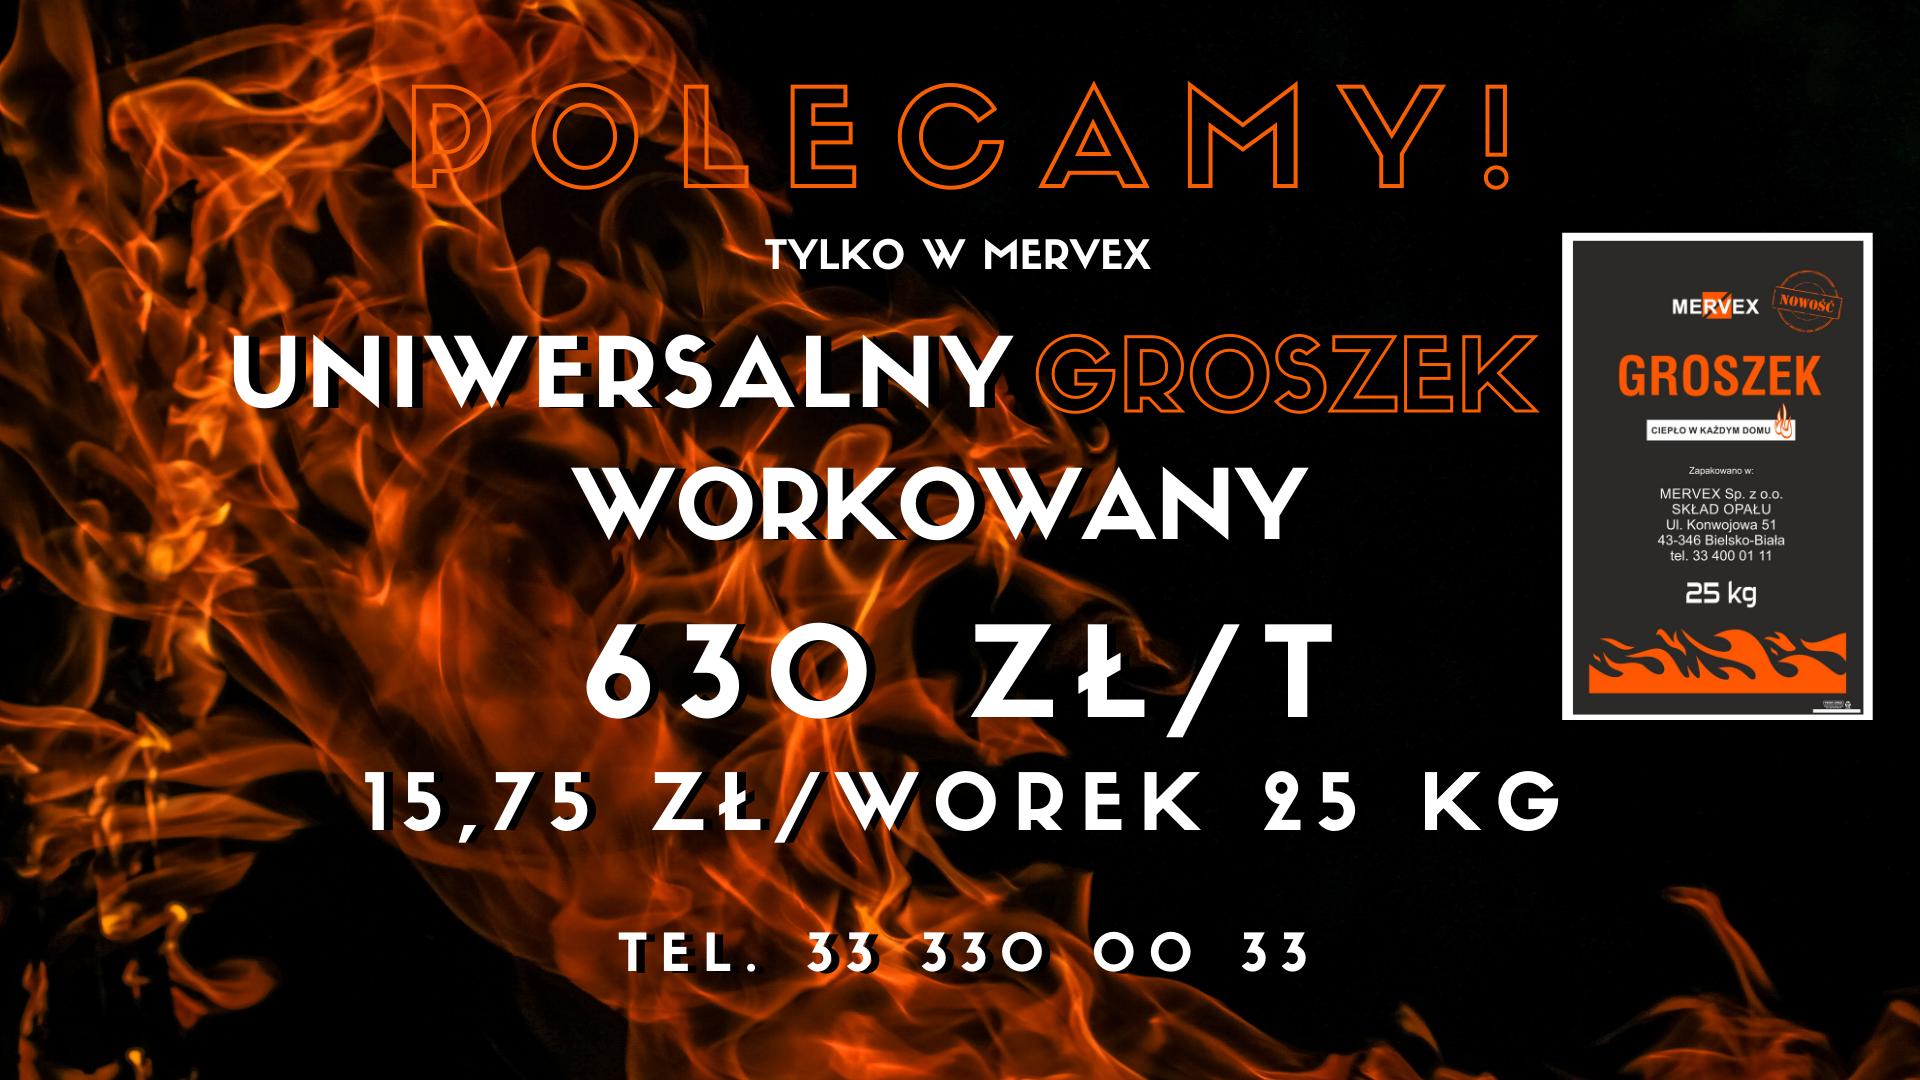 groszek_workowany_piec_z_podajnikiem